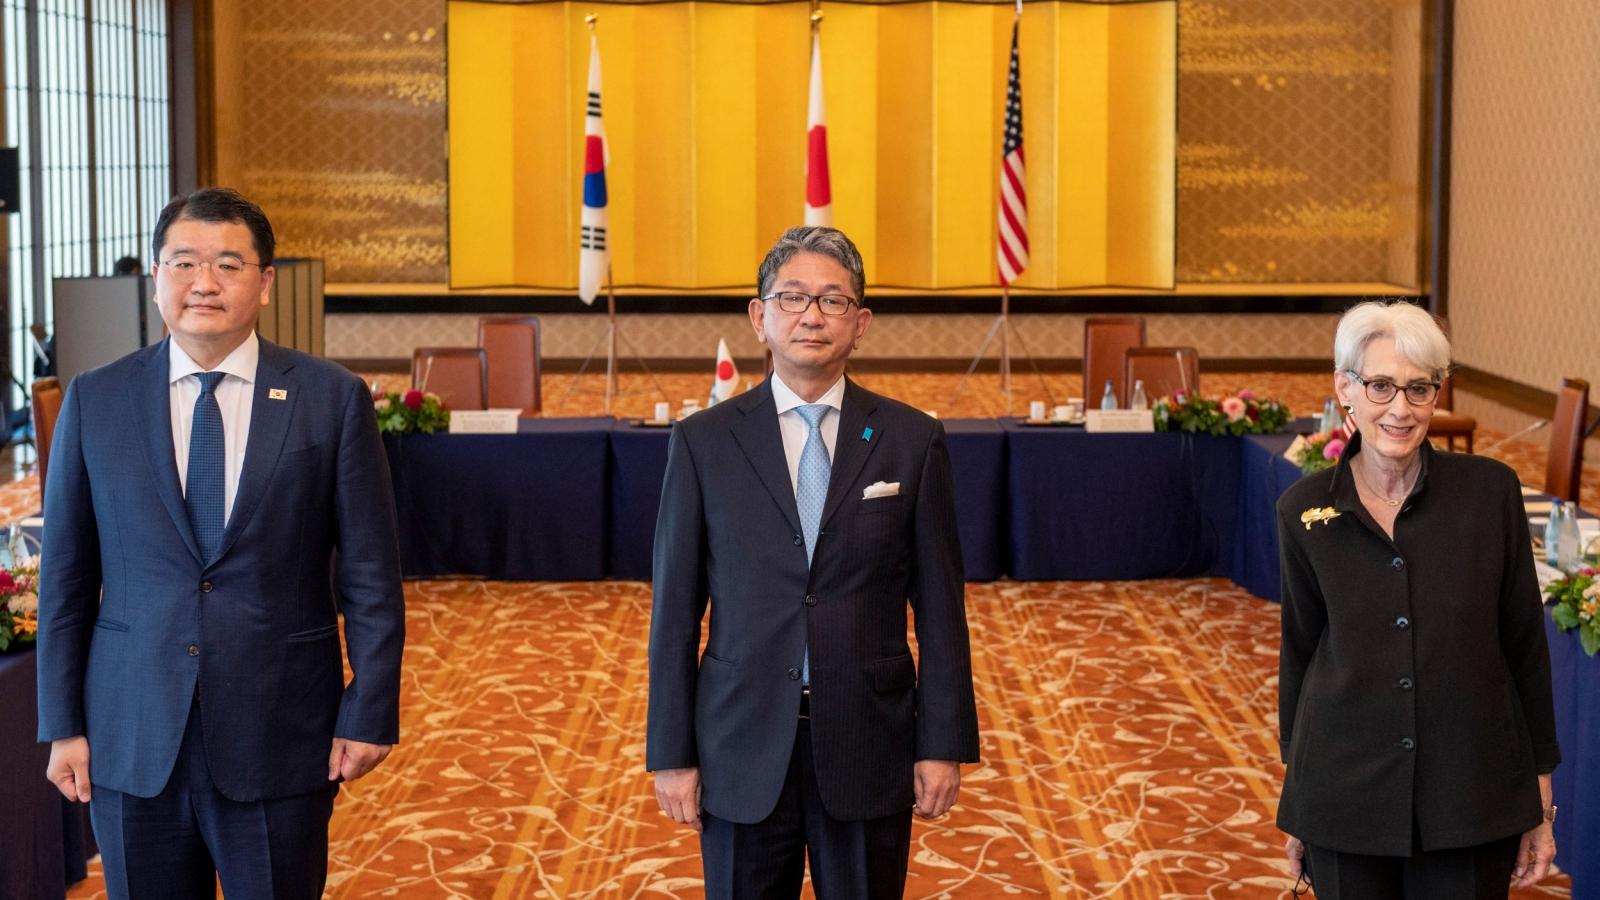 Hội nghị Mỹ - Nhật - Hàn cam kết duy trì Ấn Độ Dương - Thái Bình Dương tự do và rộng mở